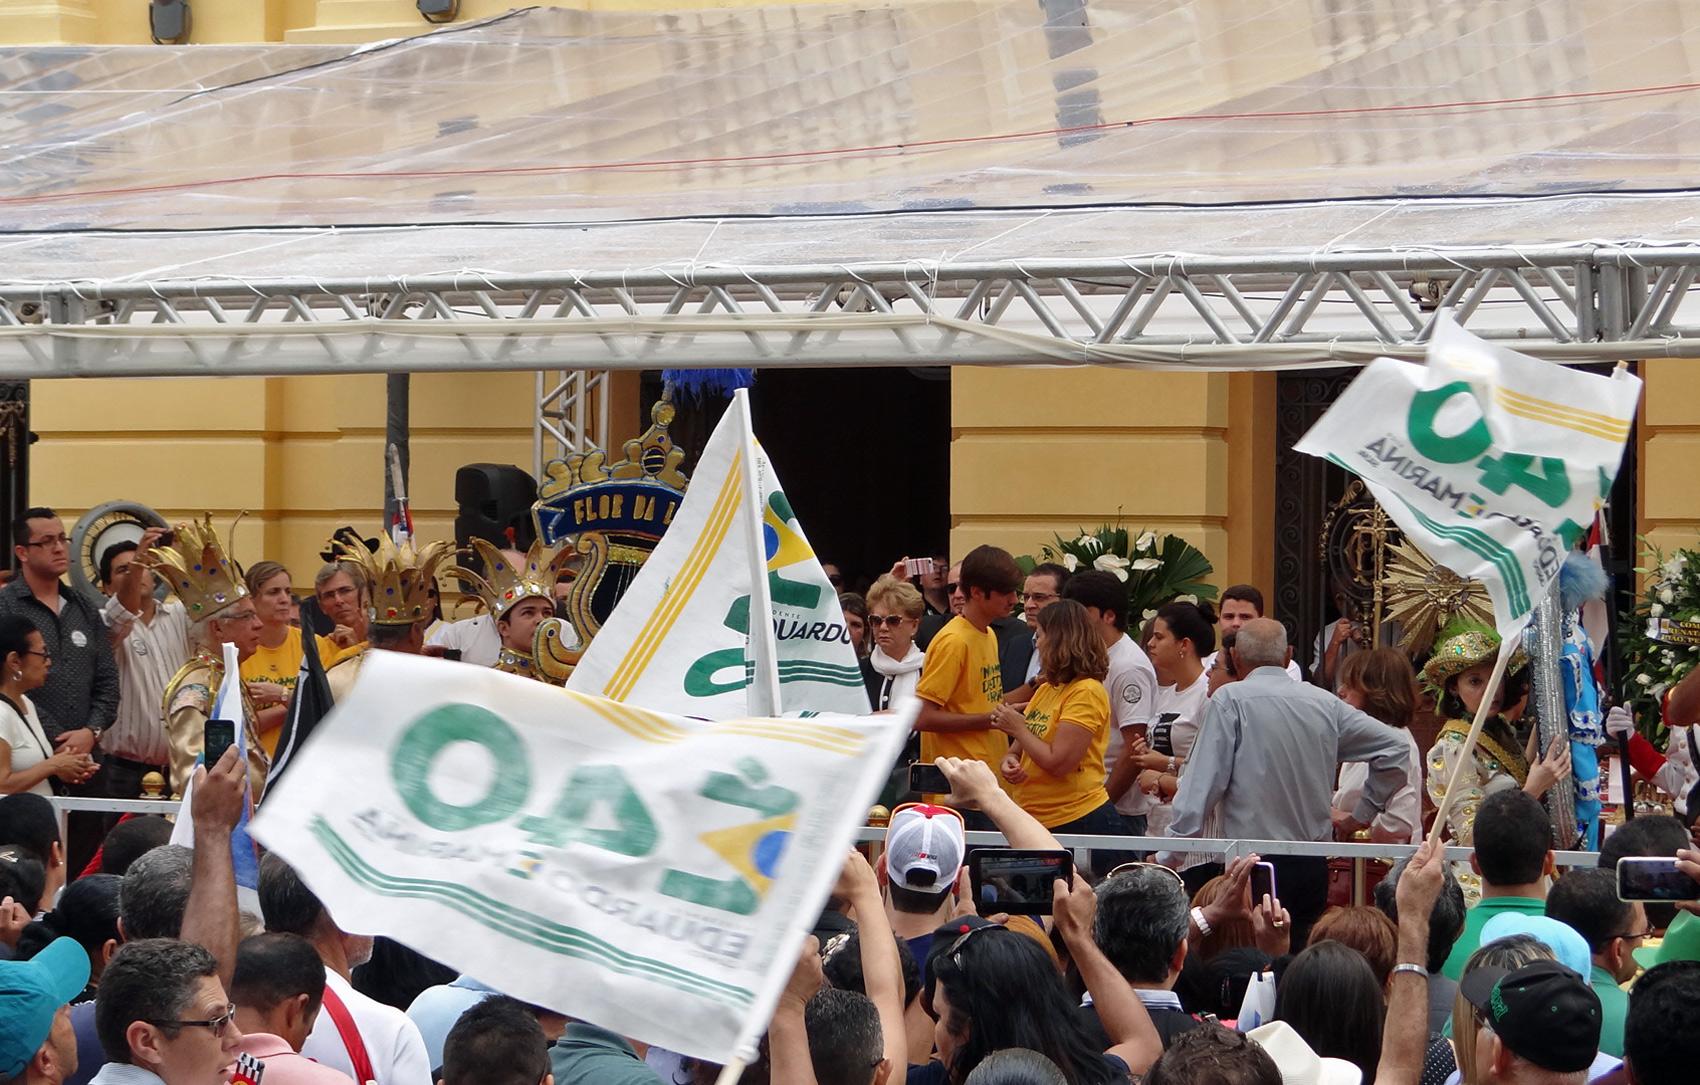 No entorno do Palácio, as pessoas carregam bandeiras e usam camisas para prestar homenagem a Campos